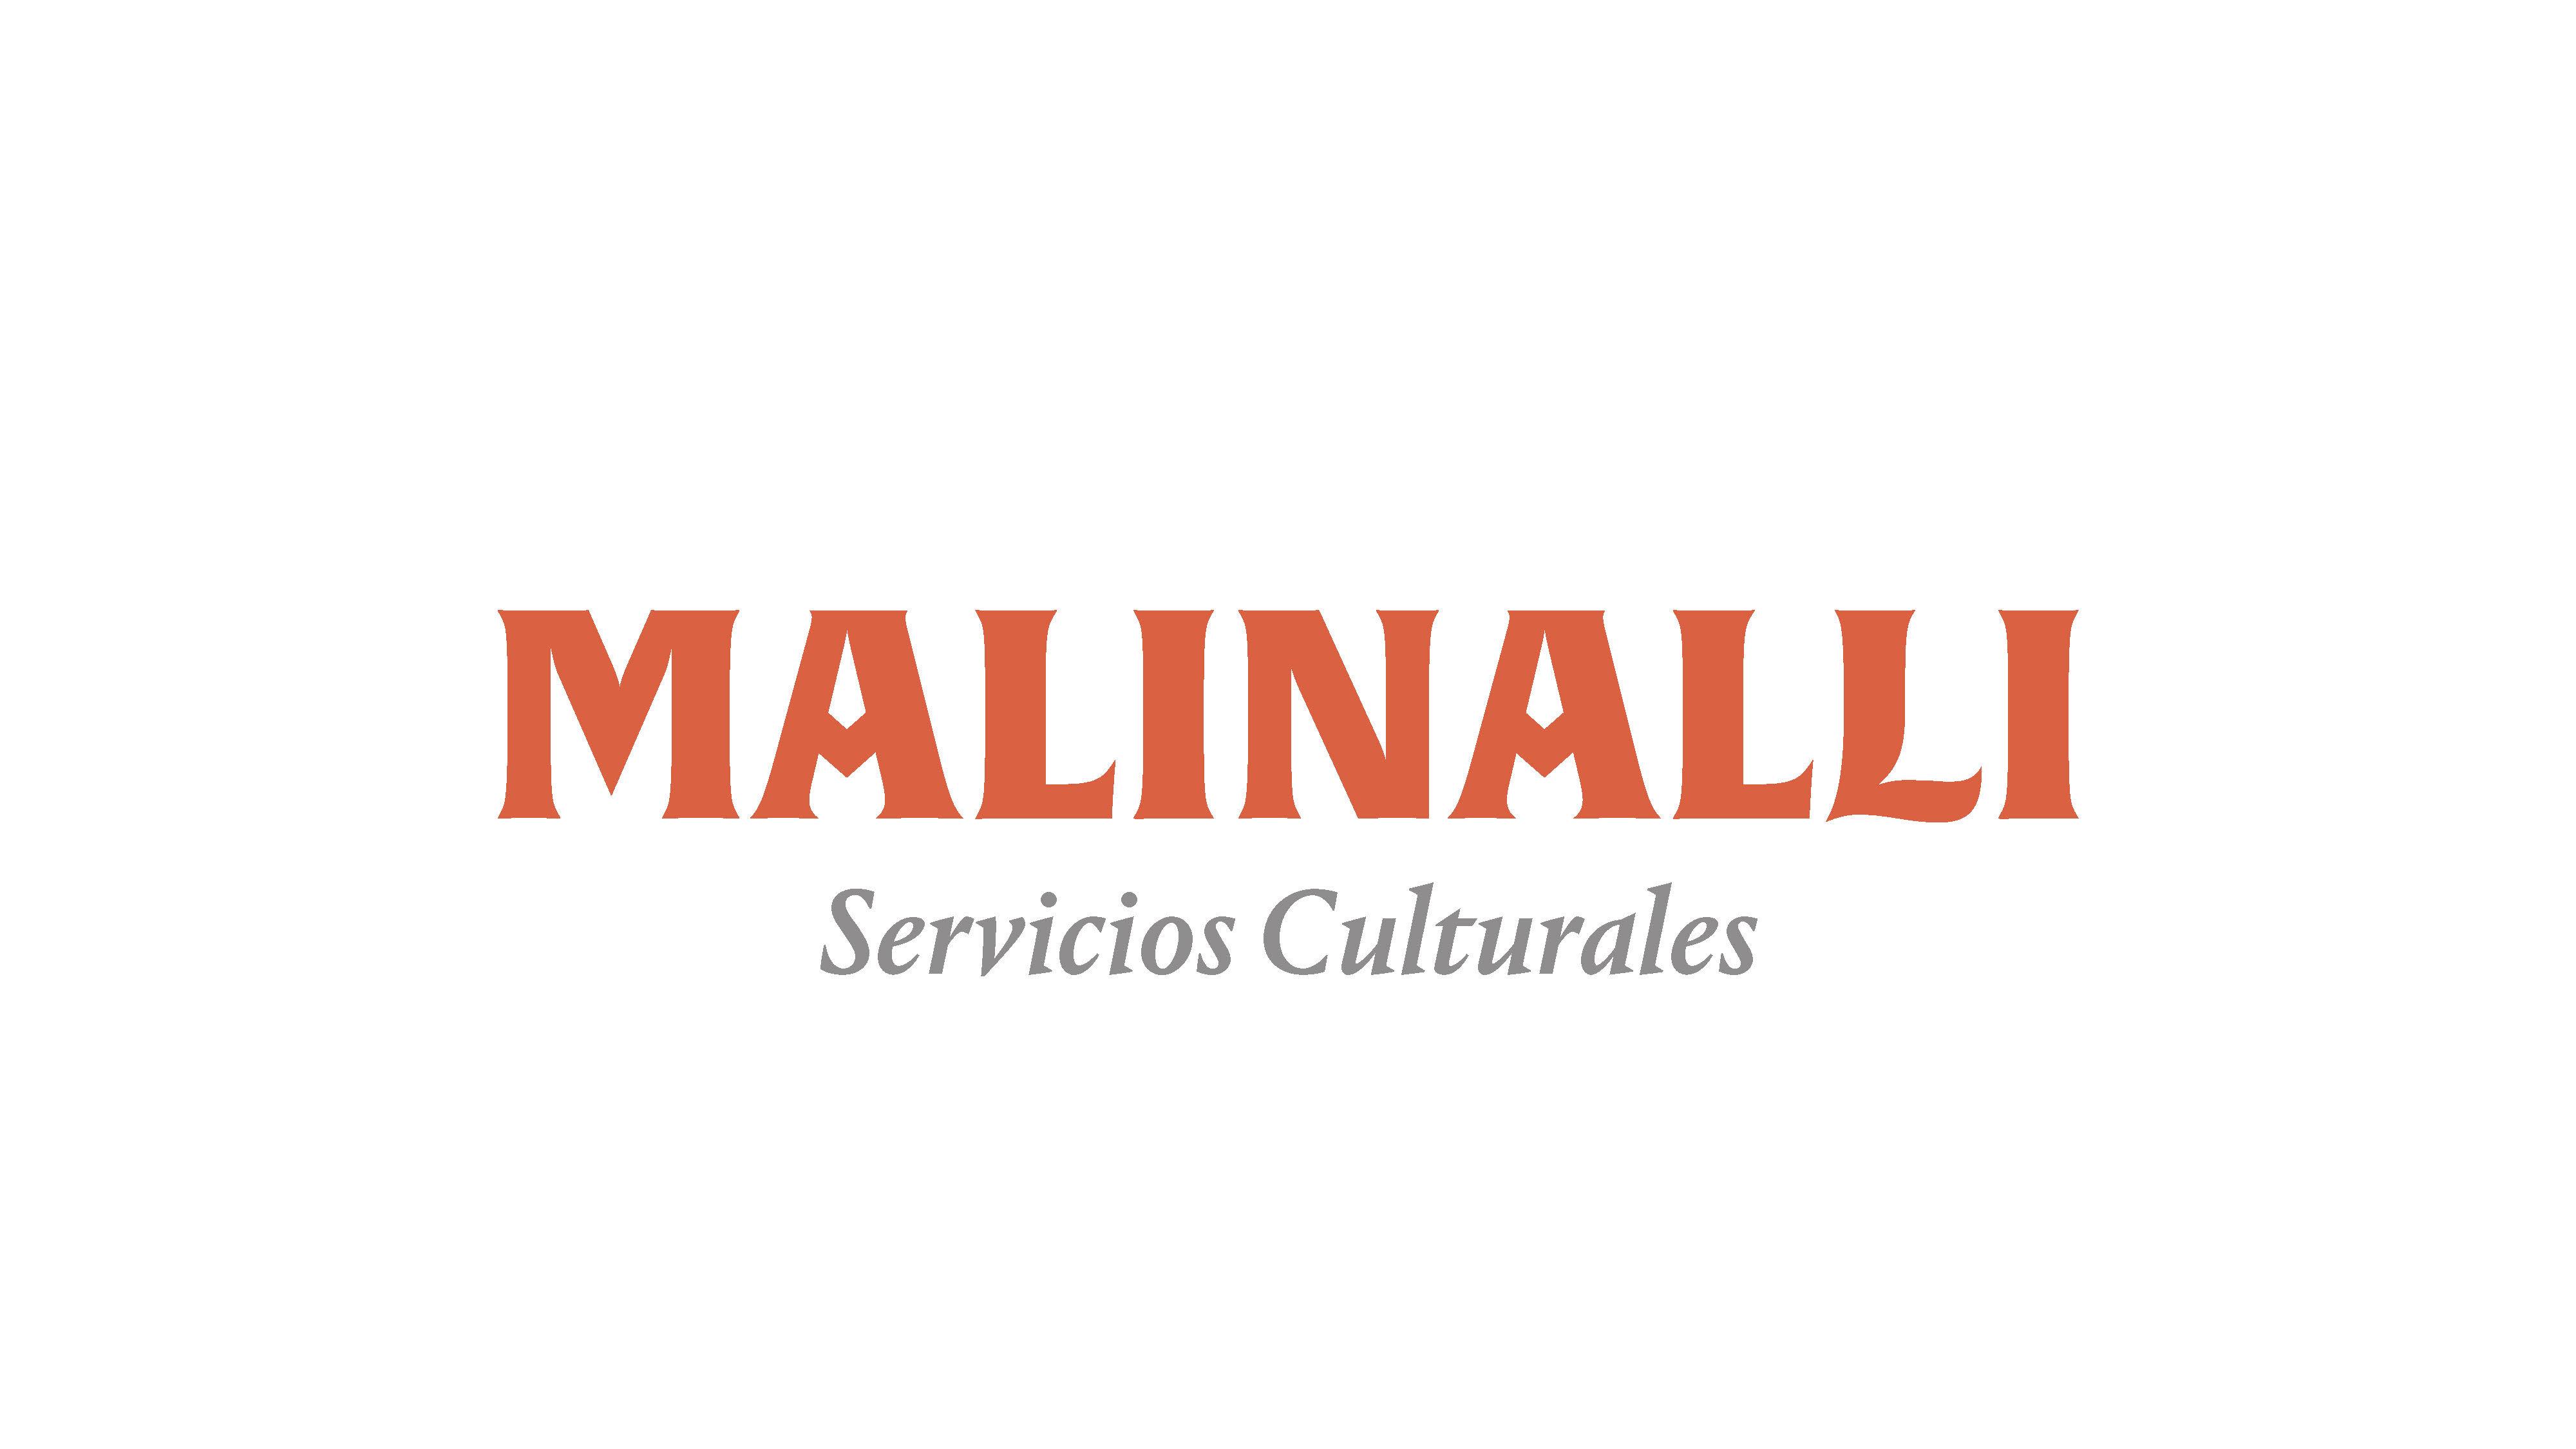 Malinalli